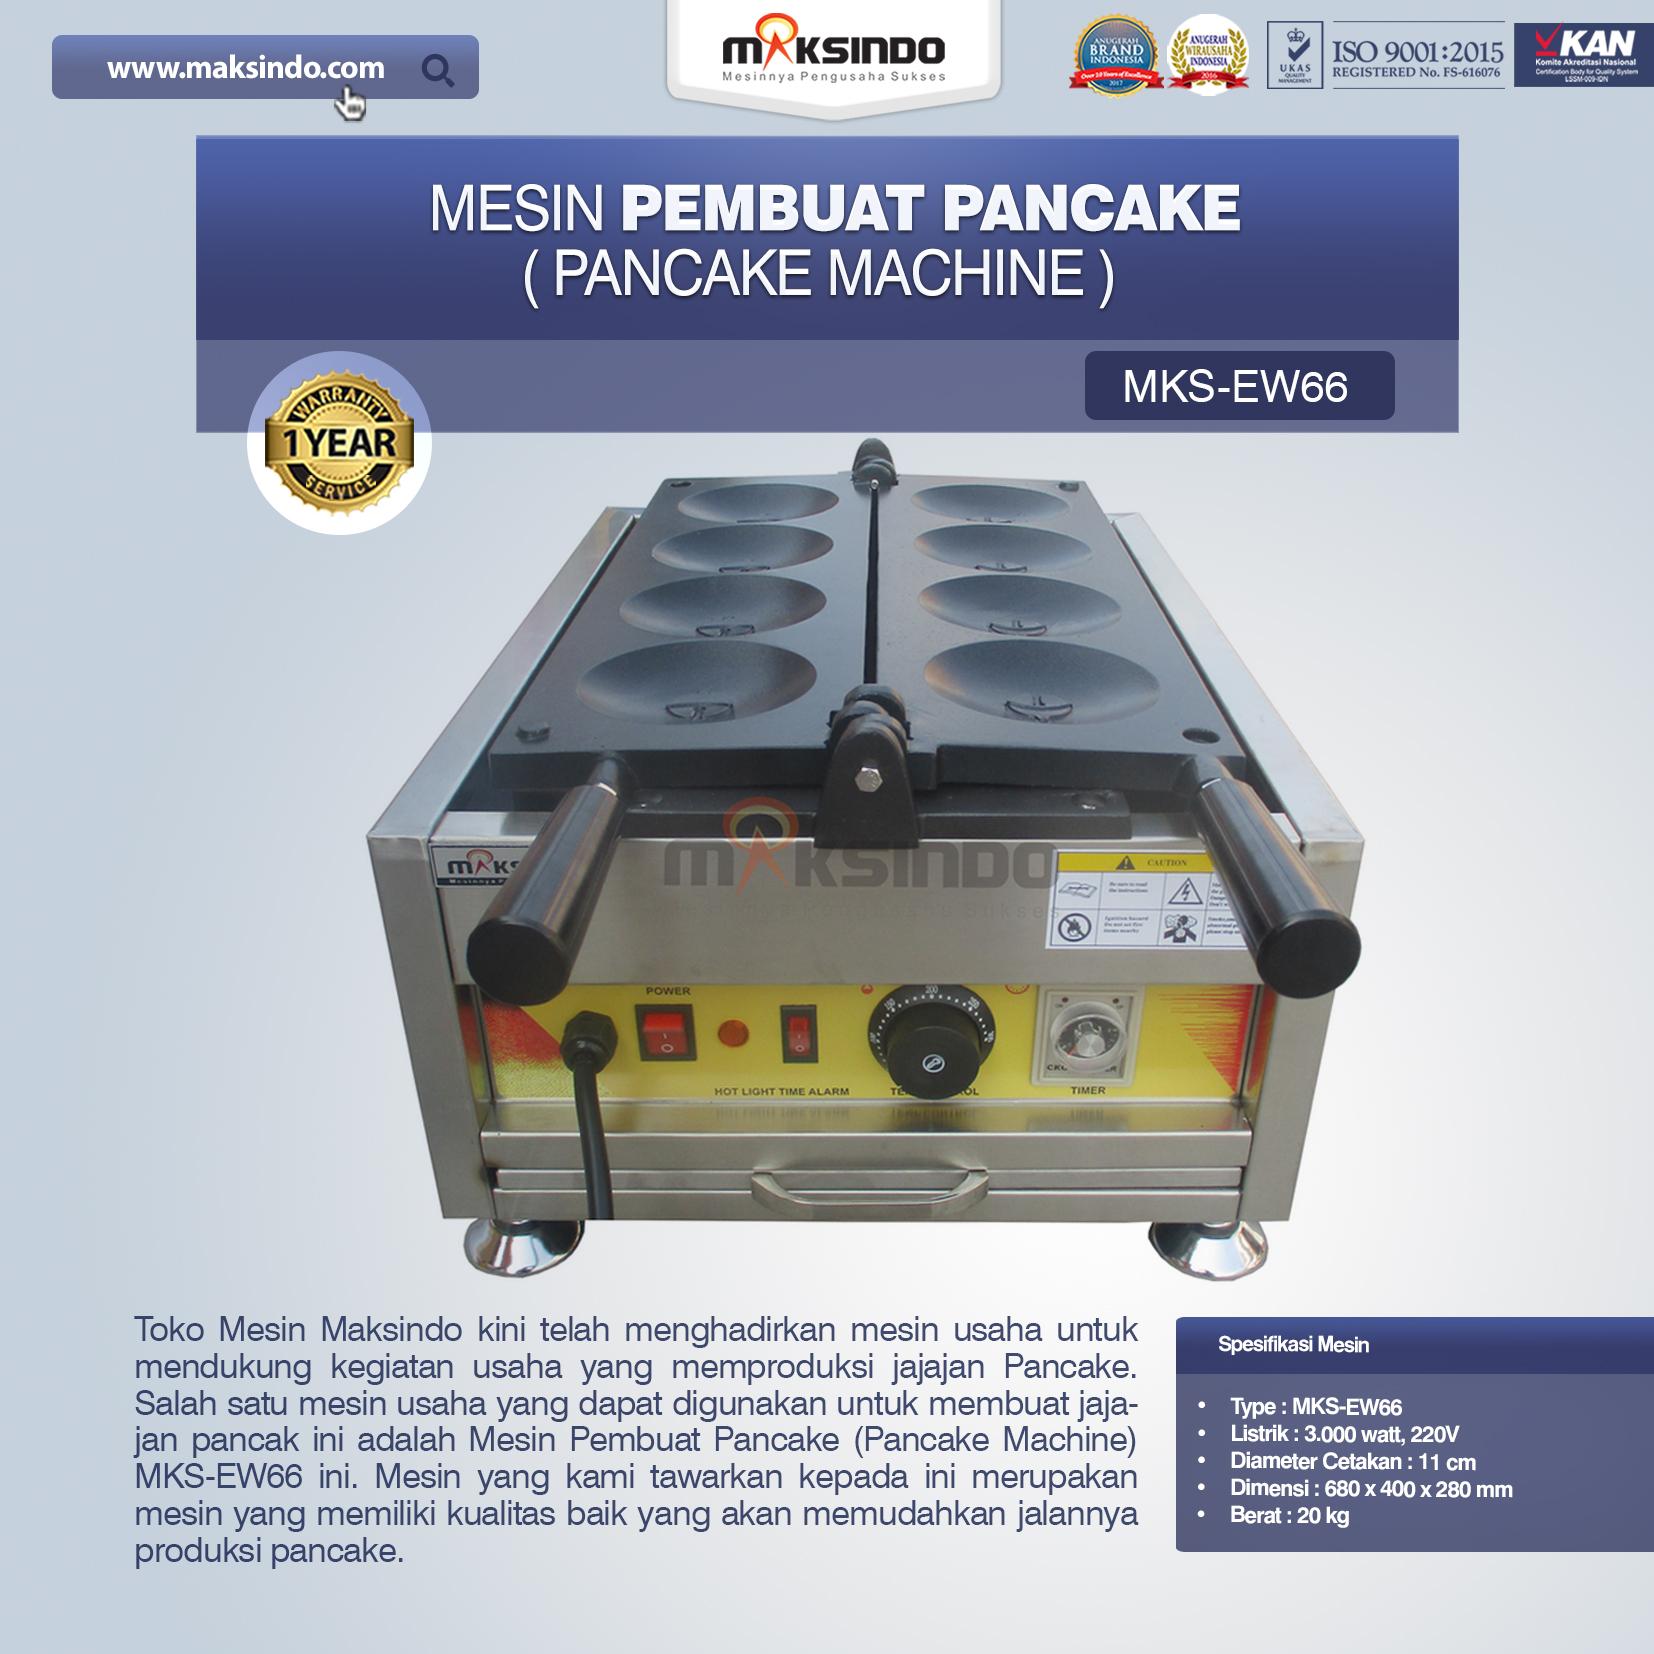 Jual Mesin Pembuat Pancake (Pancake Machine) MKS-EW66 di Makassar